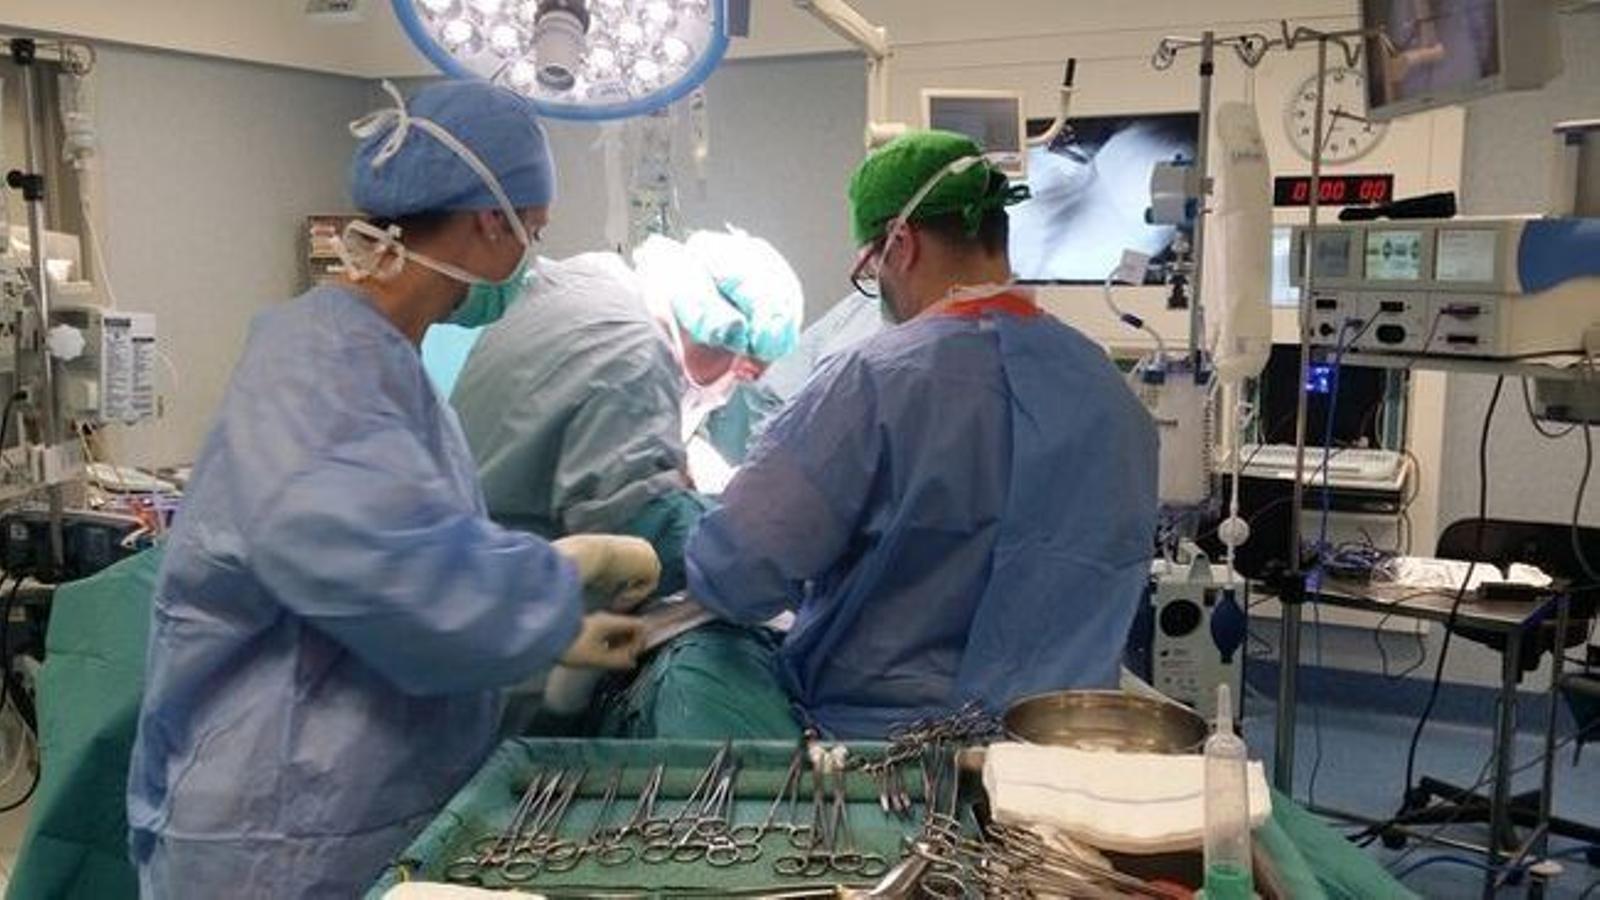 L'any 2019, en els hospitals públics de les Illes es varen extreure 198 òrgans per a trasplantaments.